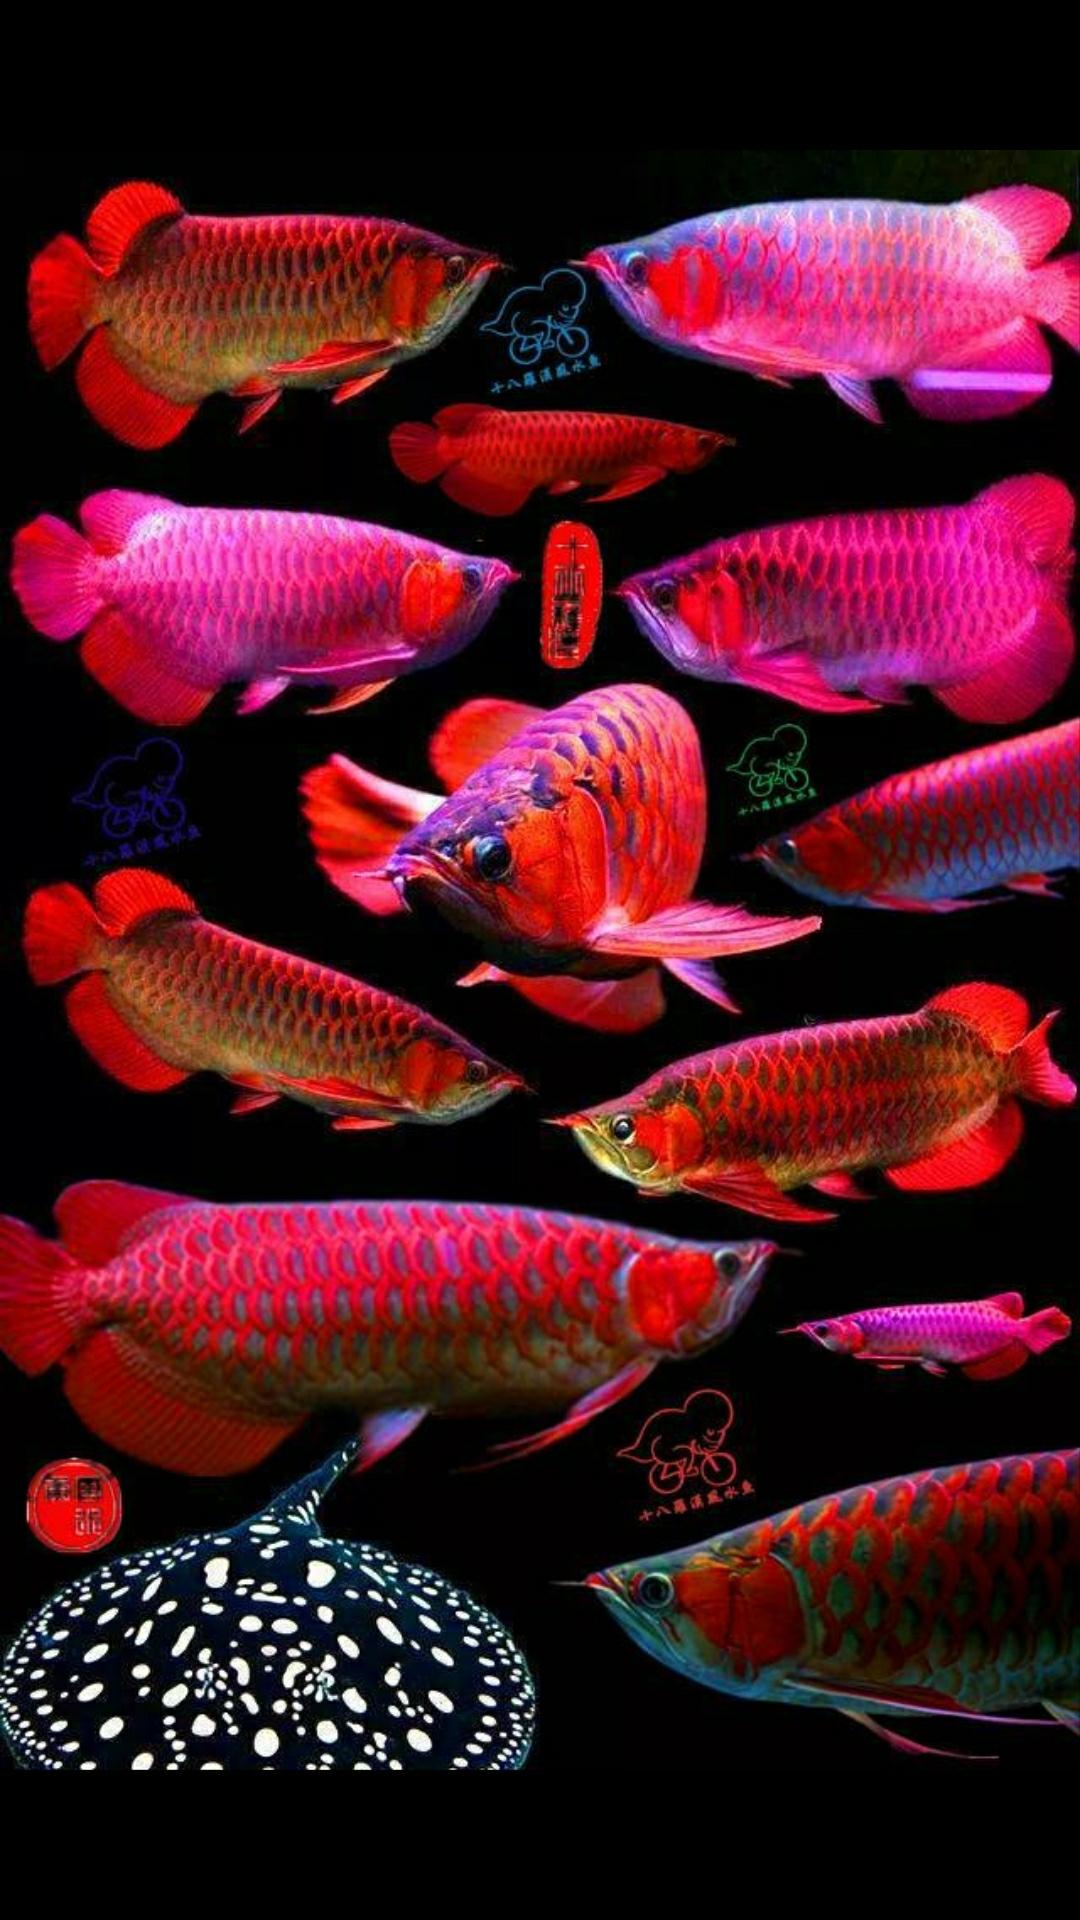 分享几张桌面图 西安观赏鱼信息 西安博特第3张